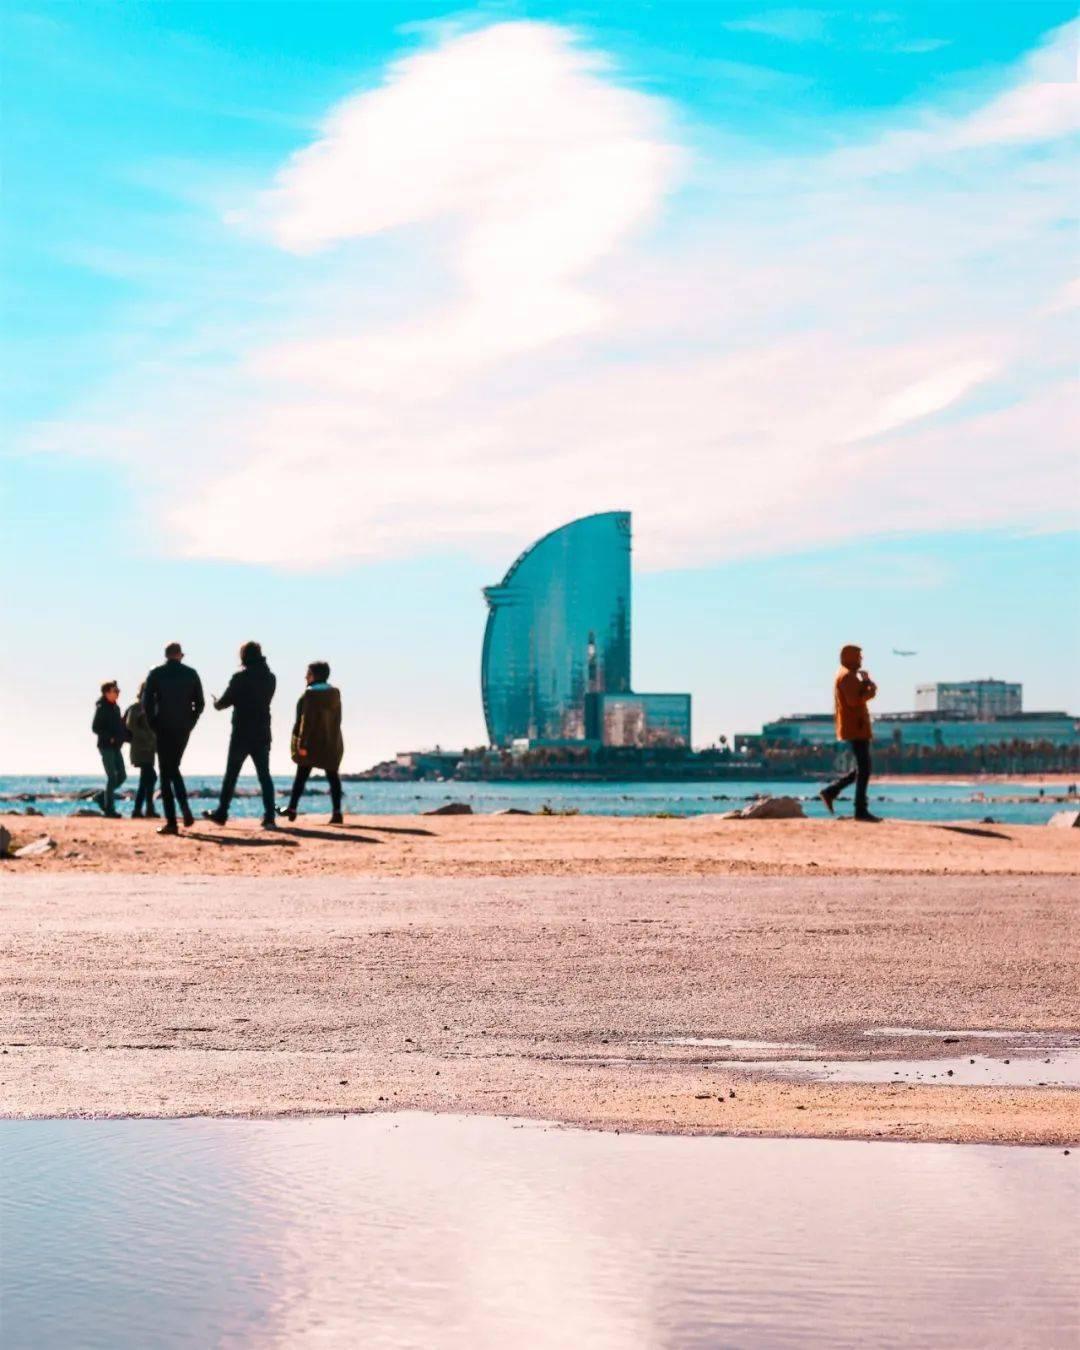 巴塞罗那哪个海边比较好玩?_马蜂窝问答